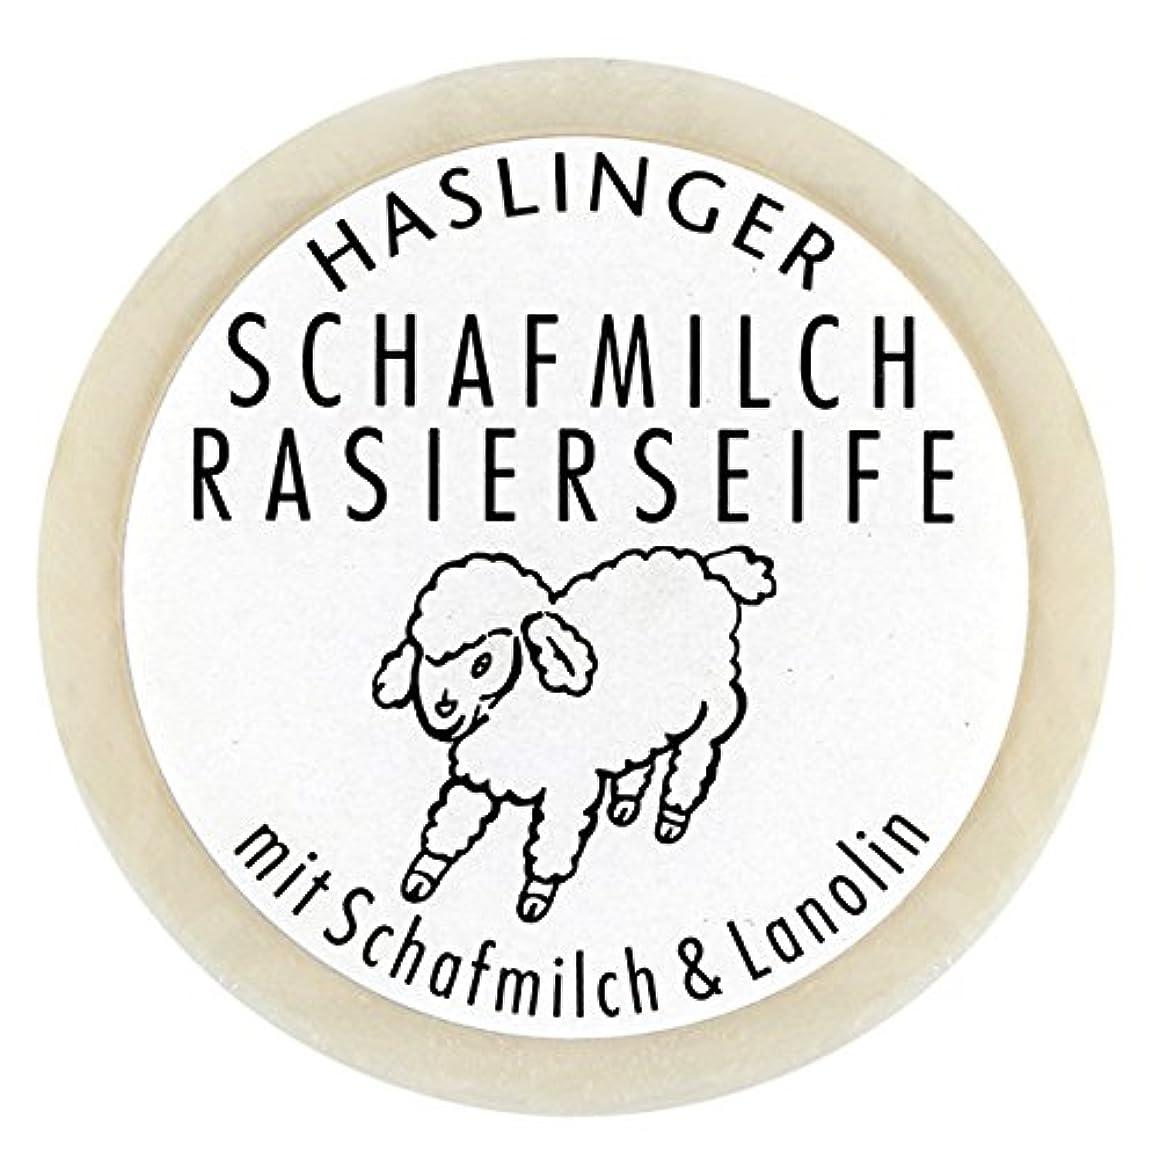 礼儀屋内トレッドSchafmilch Rasierseife (Ewe`s Milk Shave Soap) 60g soap bar by Haslinger by Haslinger